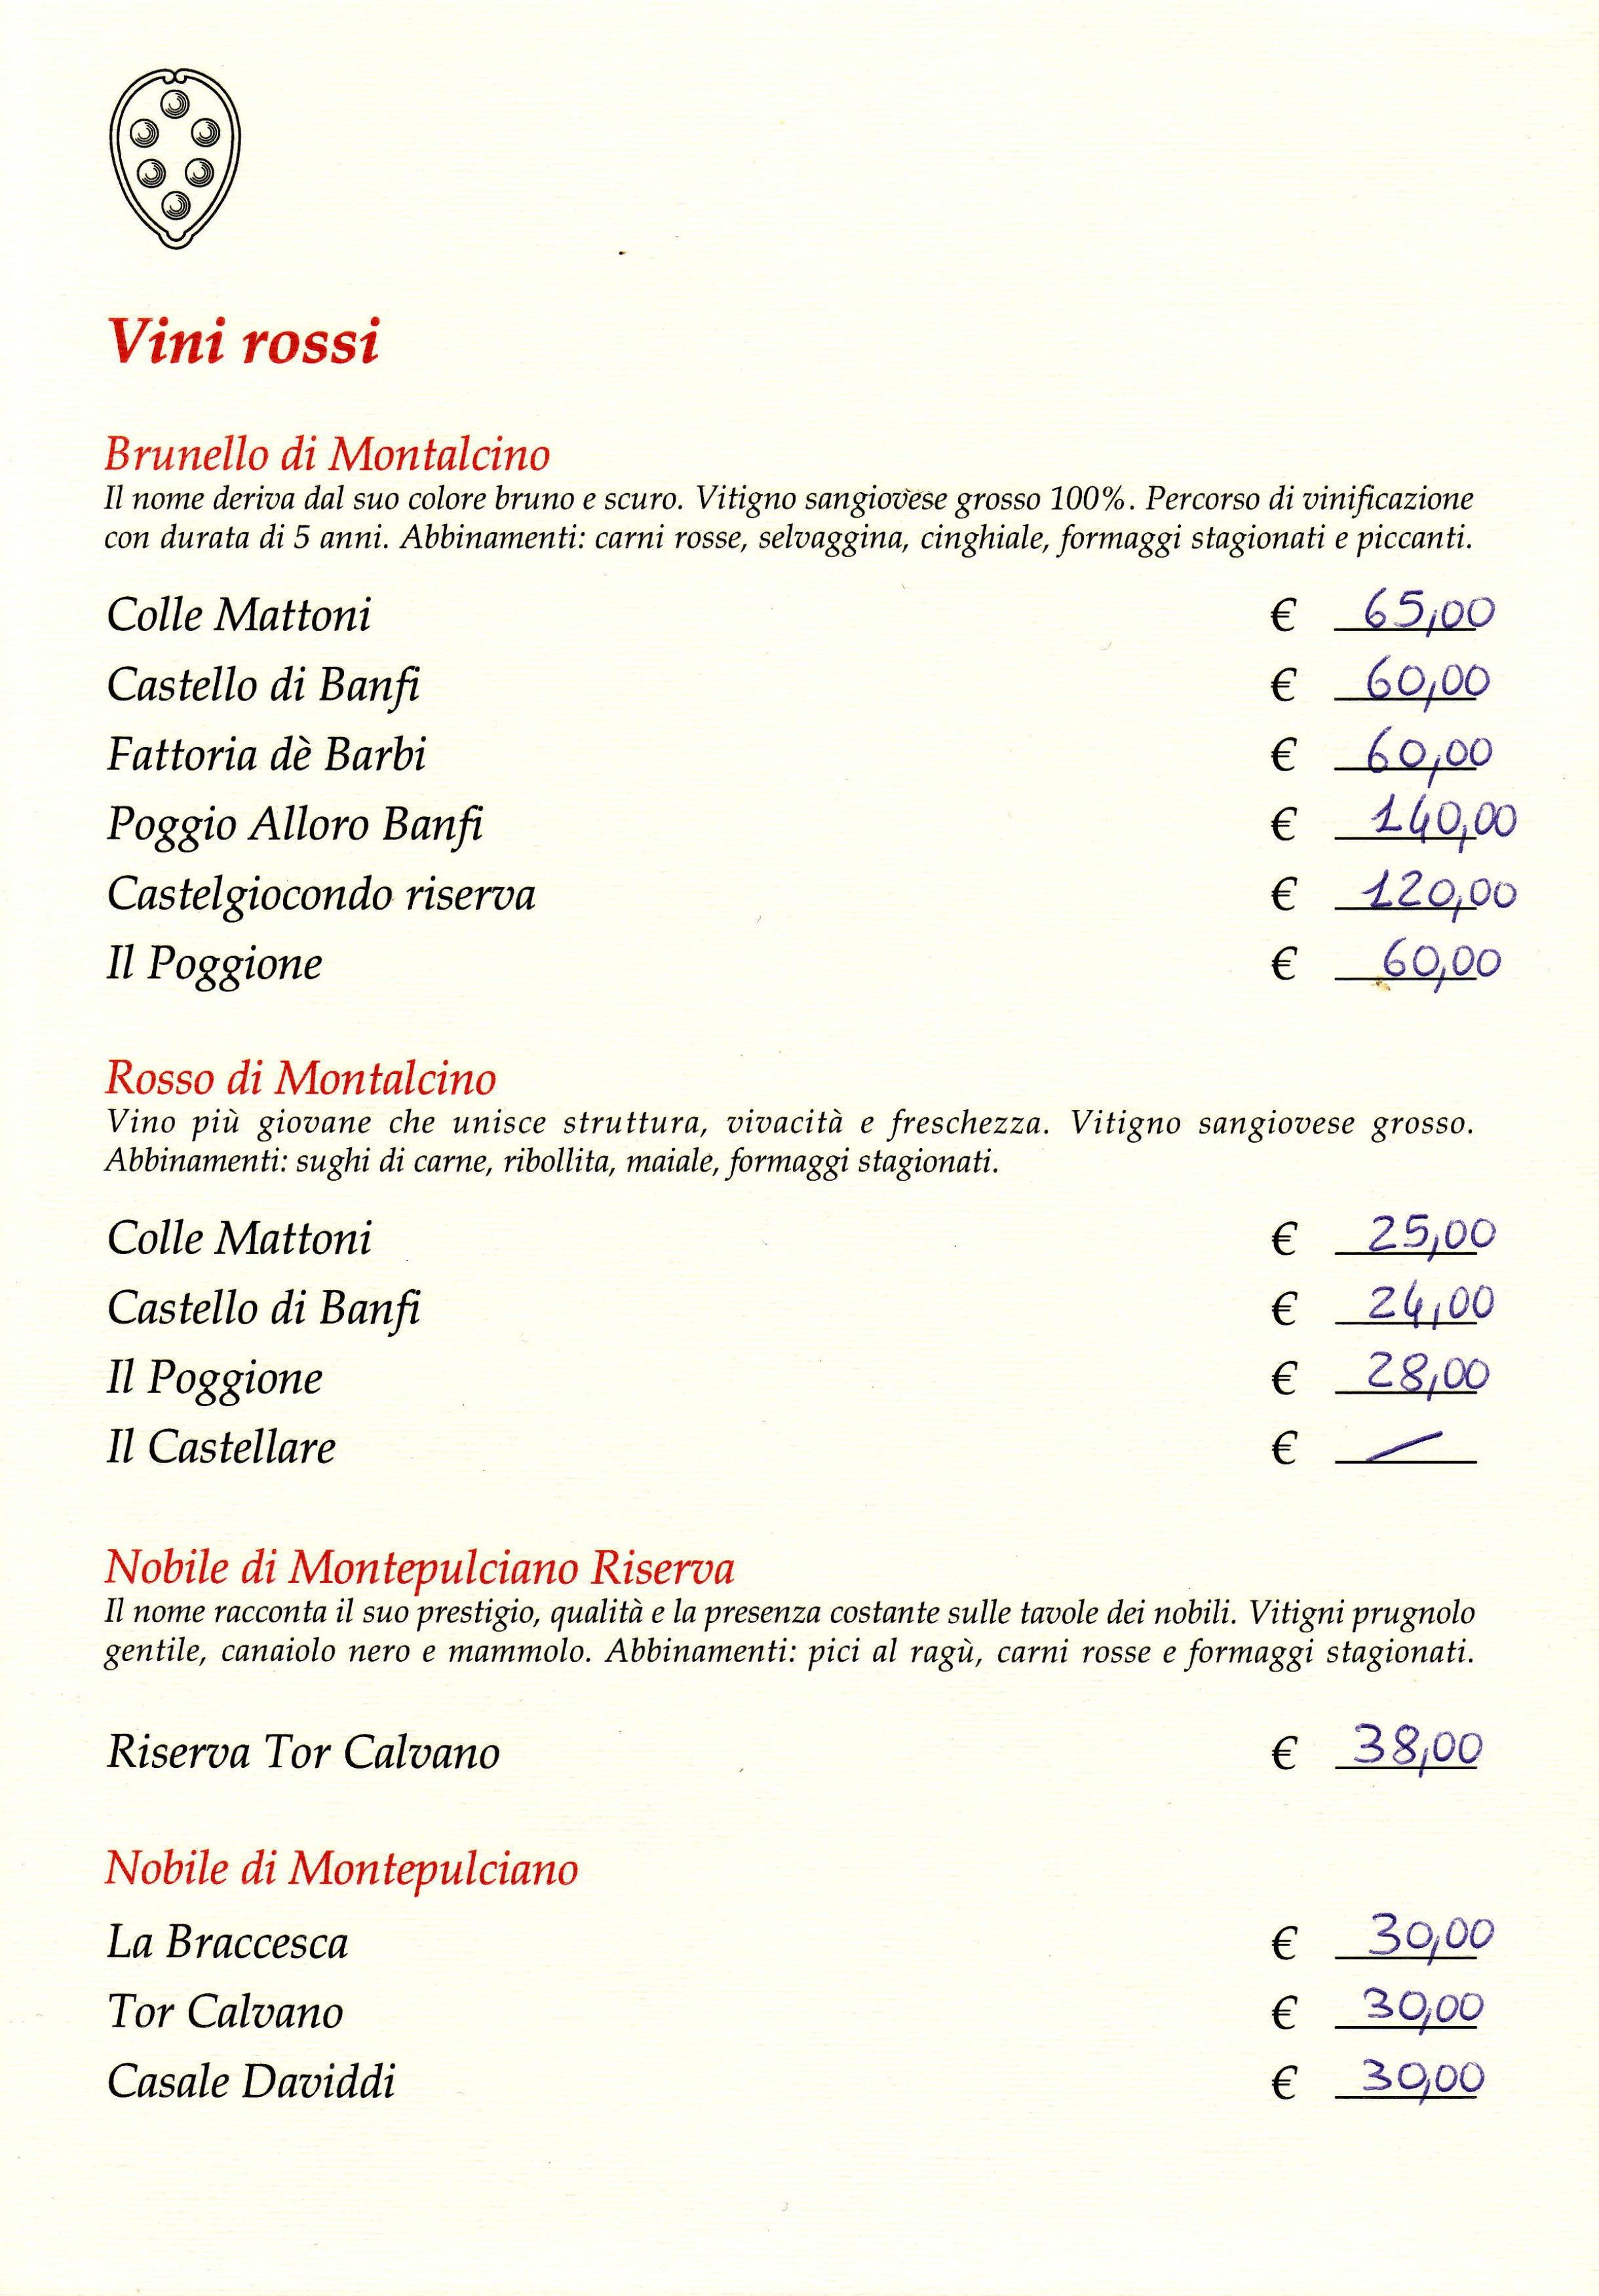 carta dei vini - ristorante cosimo dei medici